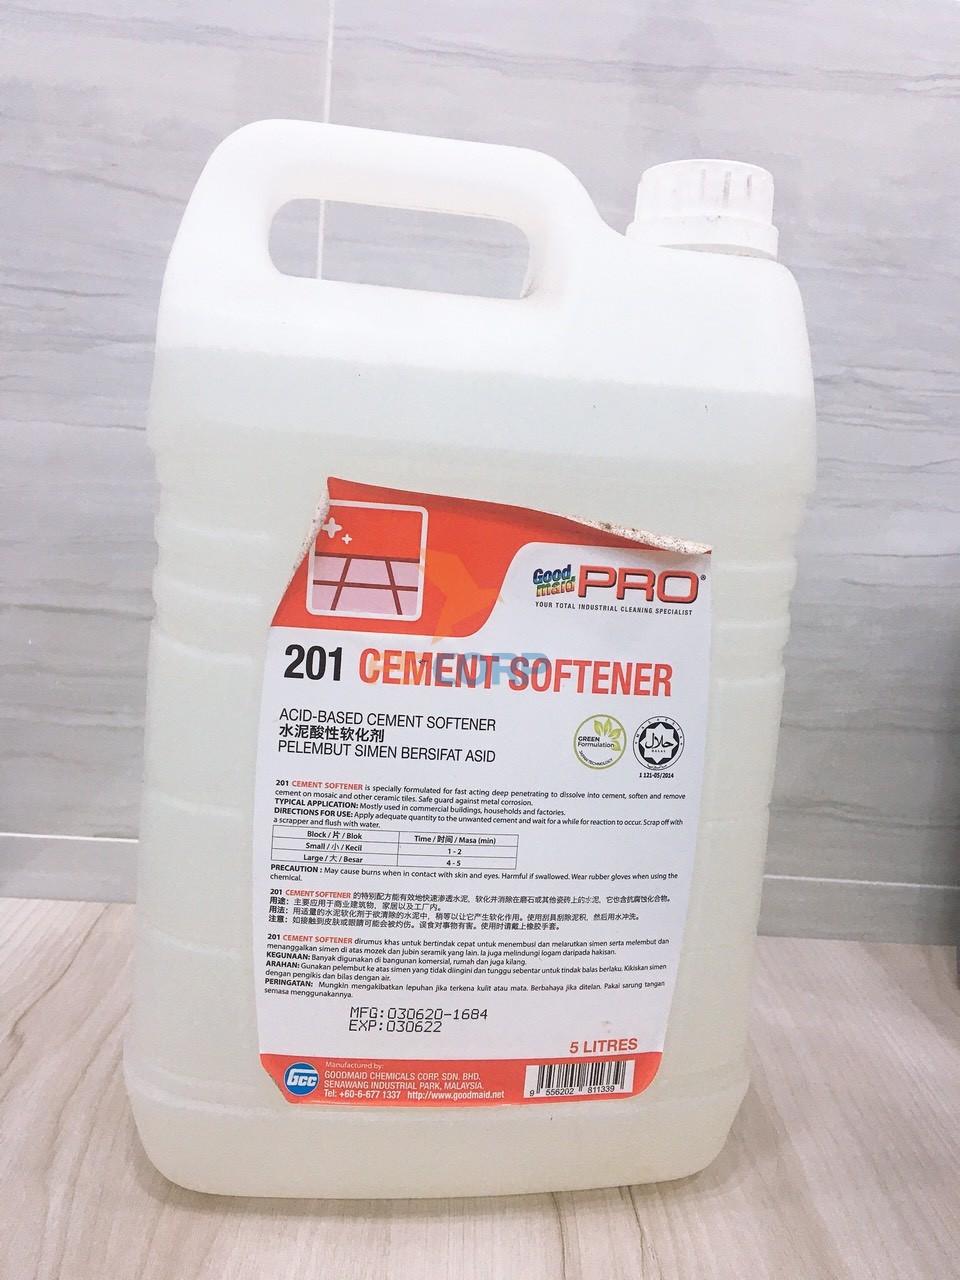 Dung dịch làm mềm xi măng - tẩy xi măng Goodmaid G201 Cement Sotener Made in Malaysia Can 20L